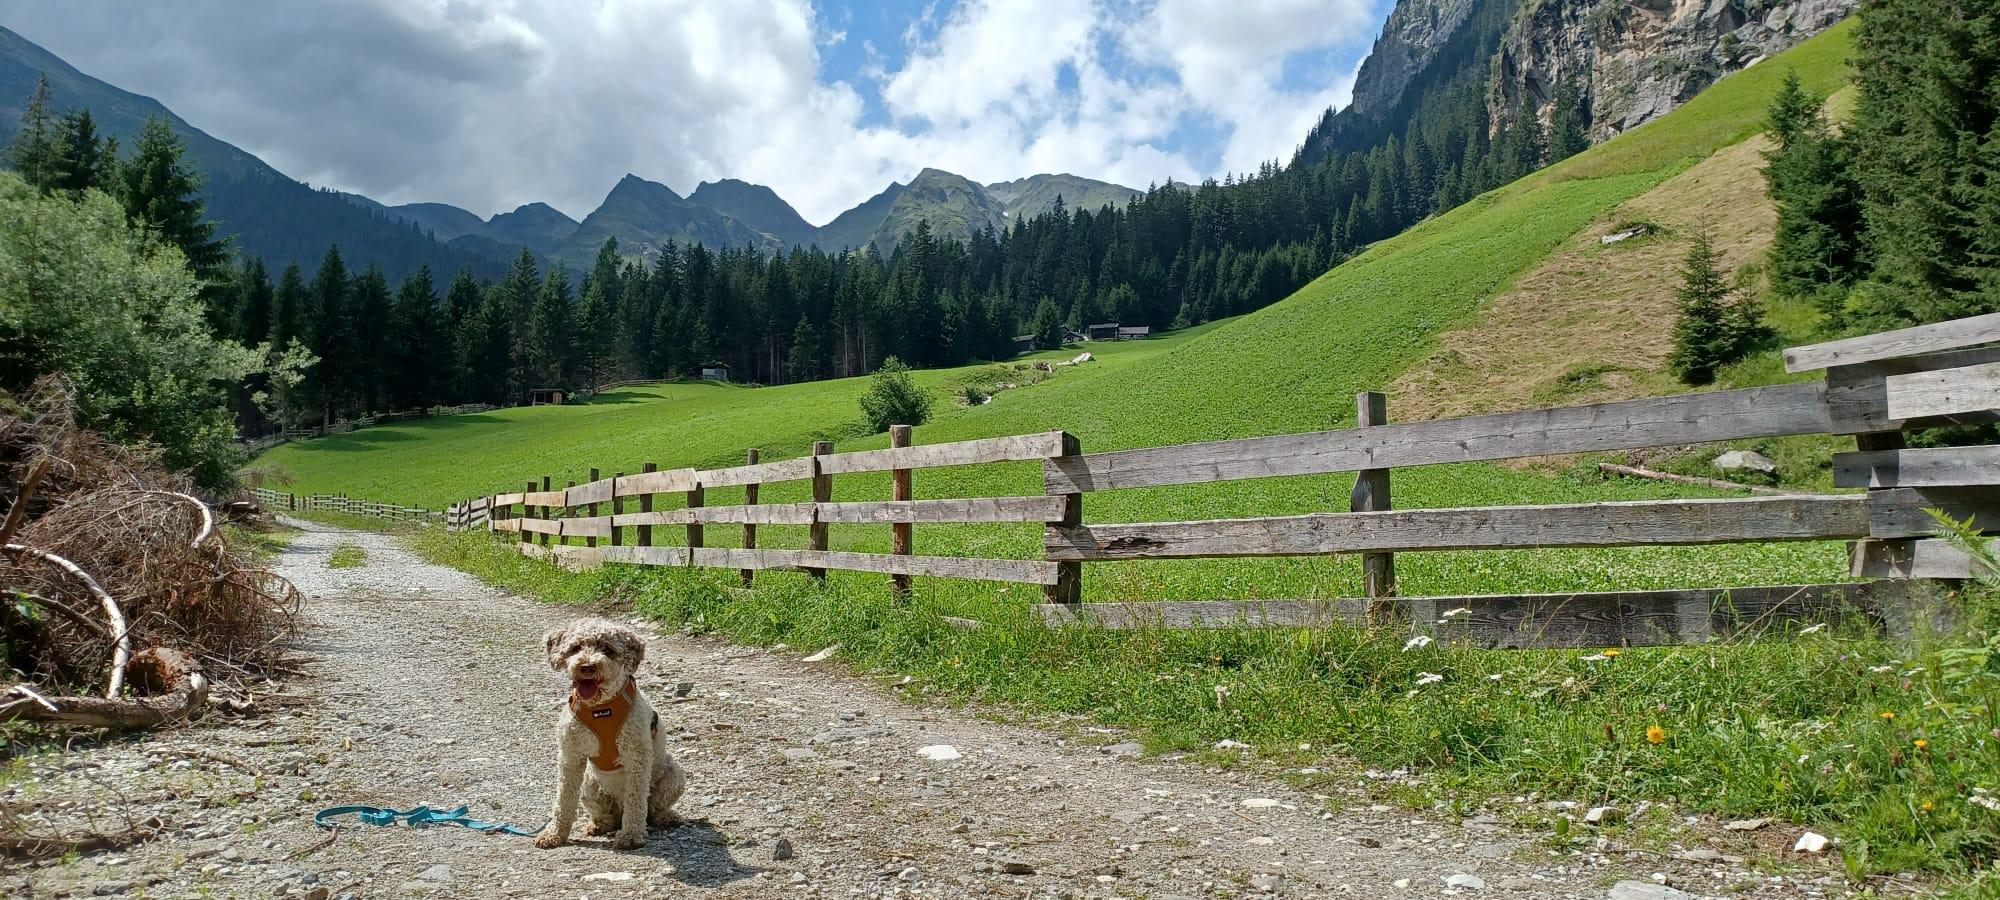 Holly schickt Urlaubsgrüße aus den Bergen